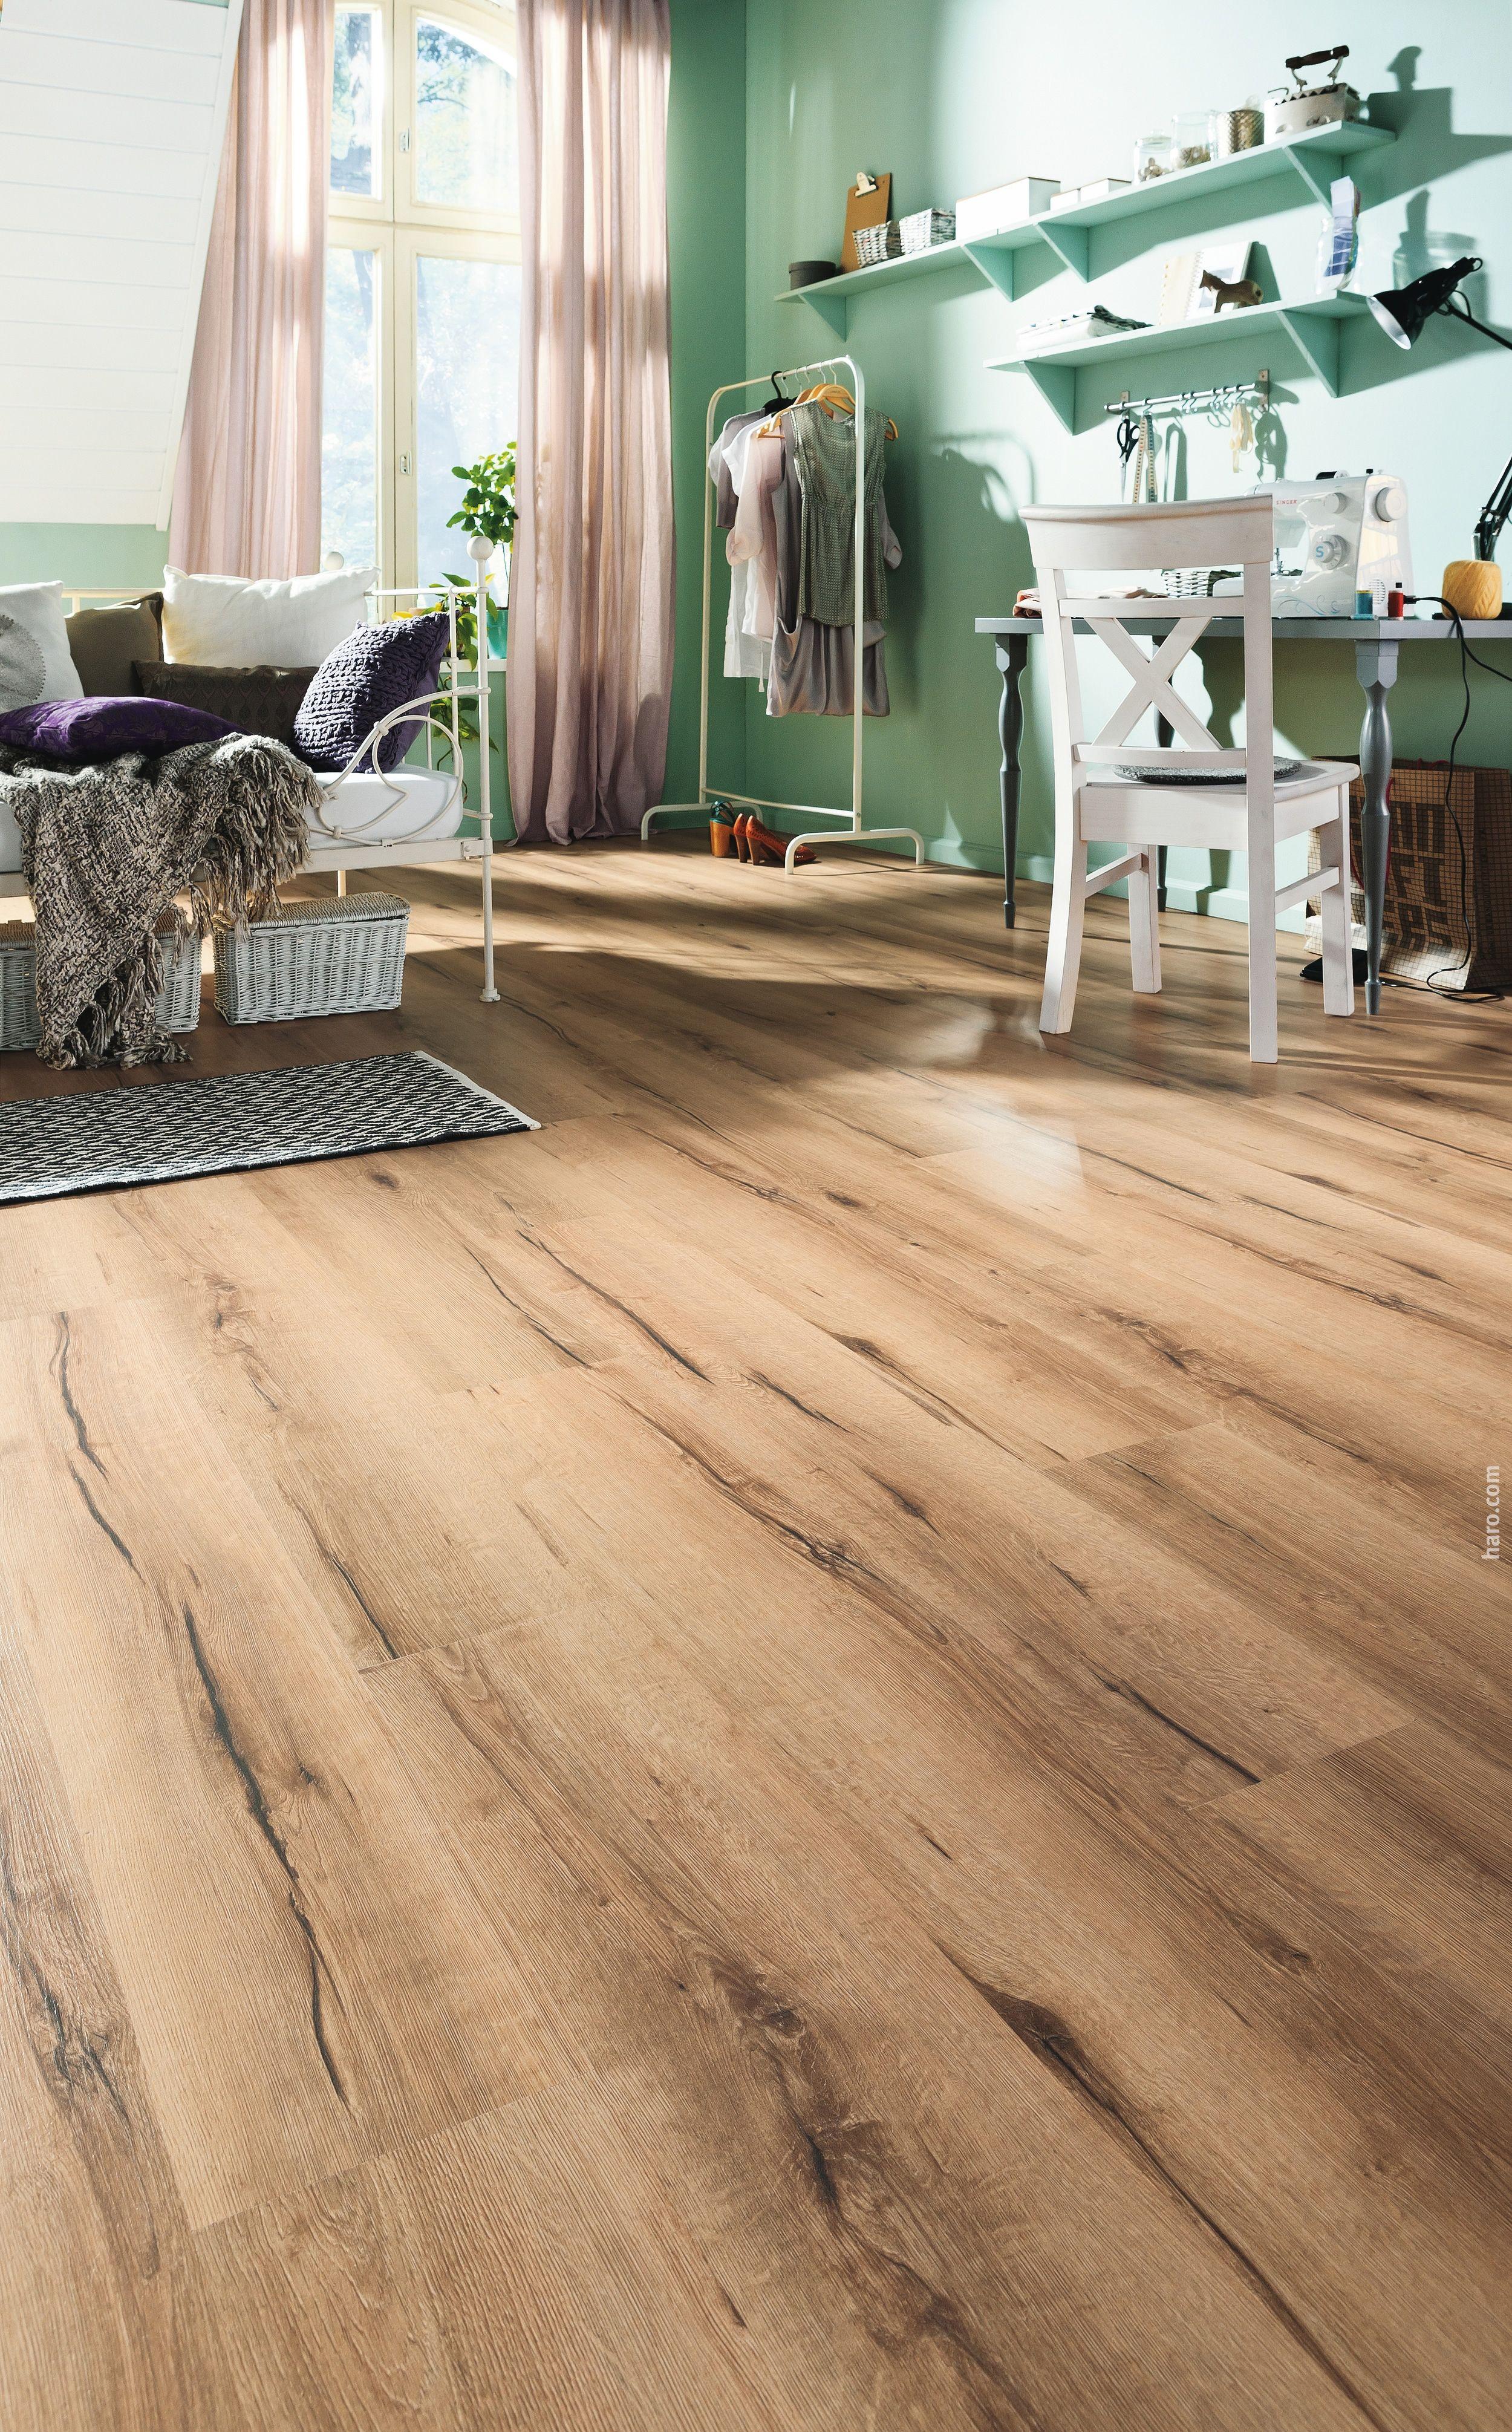 haro korkboden corkett arteo xl eiche italica natur strukturiert cork floor korkboden. Black Bedroom Furniture Sets. Home Design Ideas